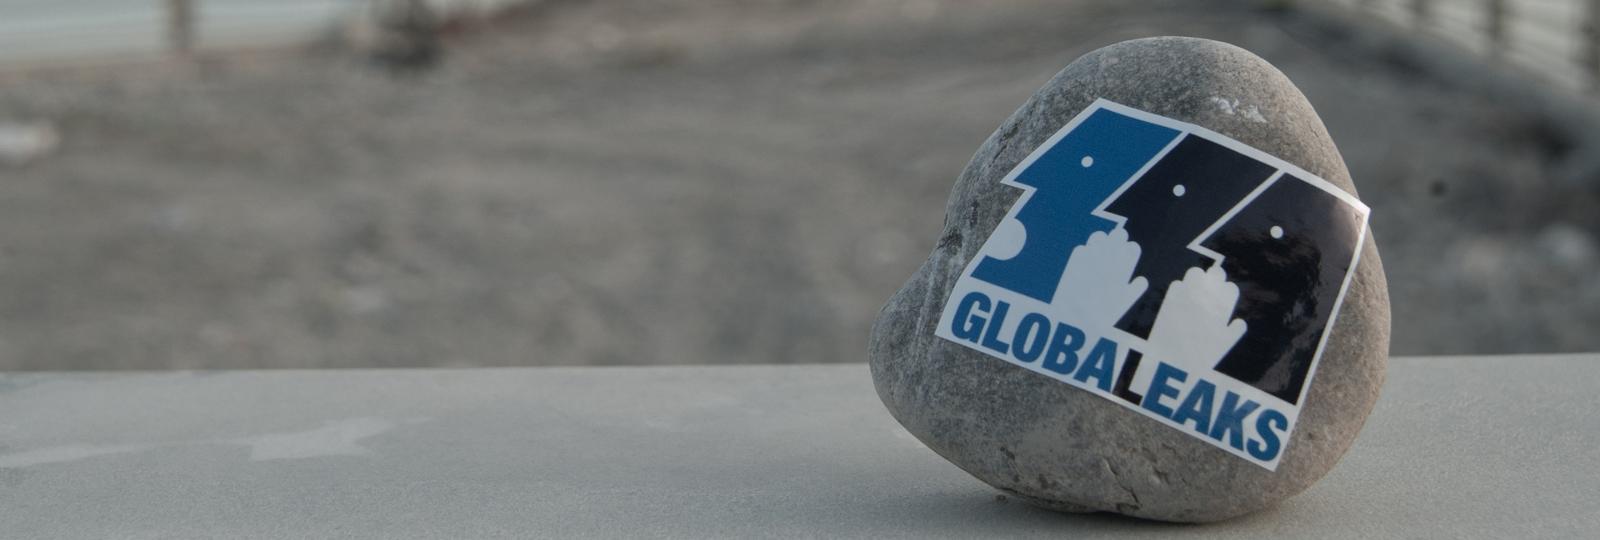 Globaleaks – Une plateforme libre pour les lanceurs d'alerte